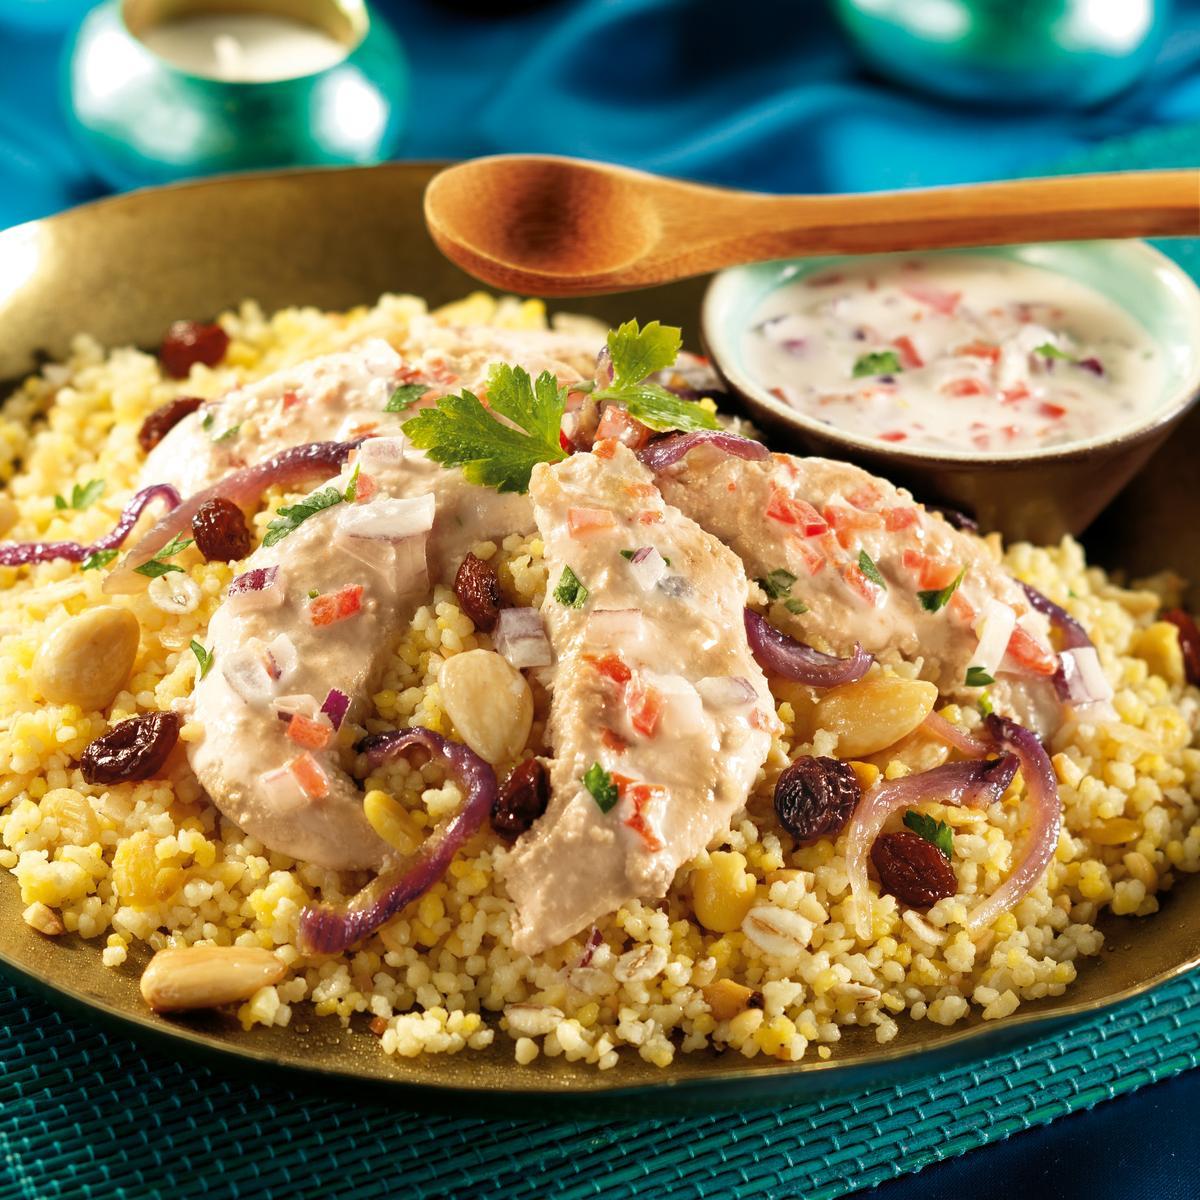 Recette biryani de poulet aux c r ales gourmandes - Cuisine indienne biryani ...